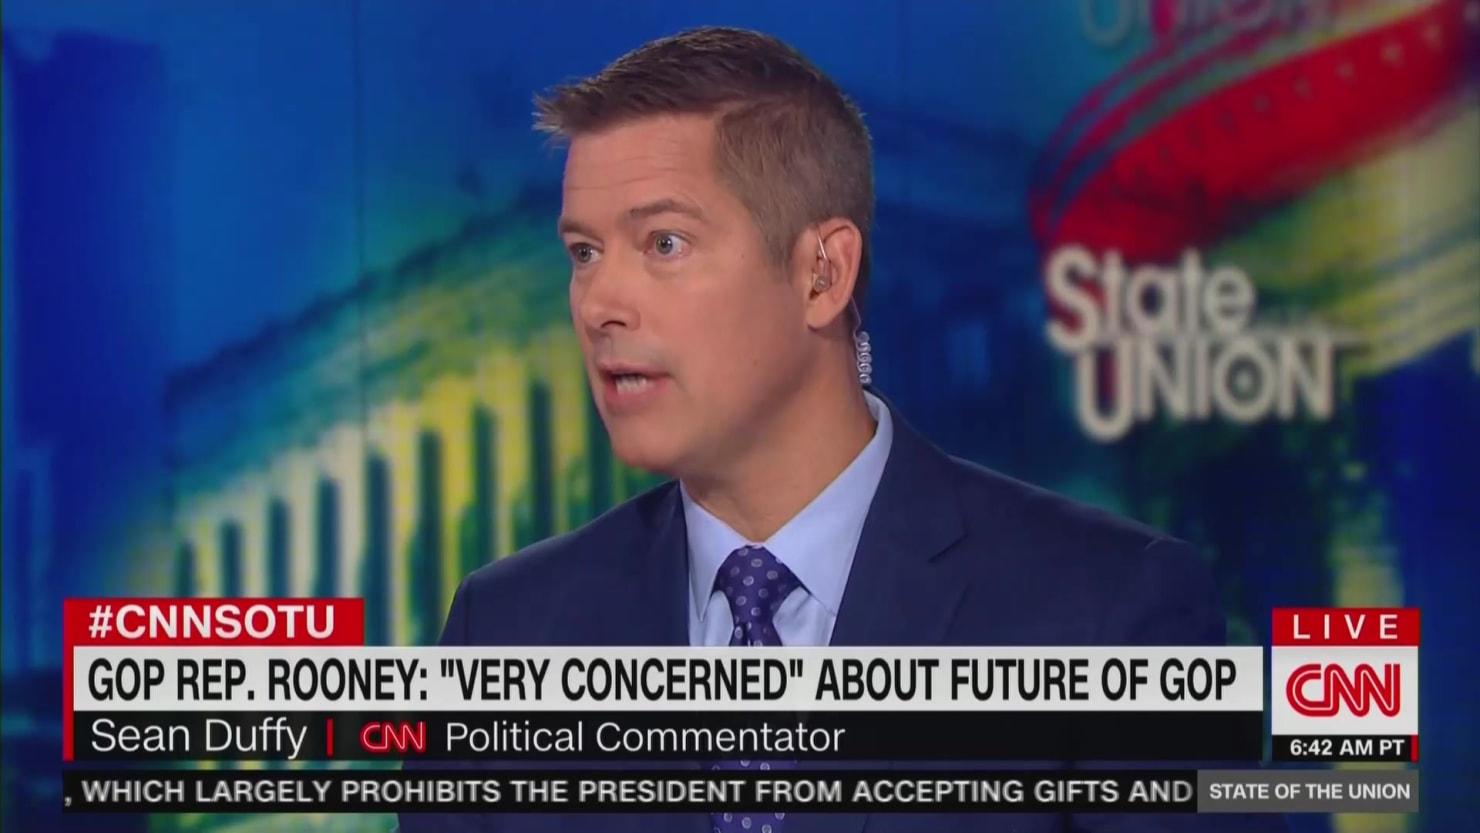 thedailybeast.com - Justin Baragona - CNN Hires Former GOP Congressman and Trump Loyalist Sean Duffy as Political Commentator